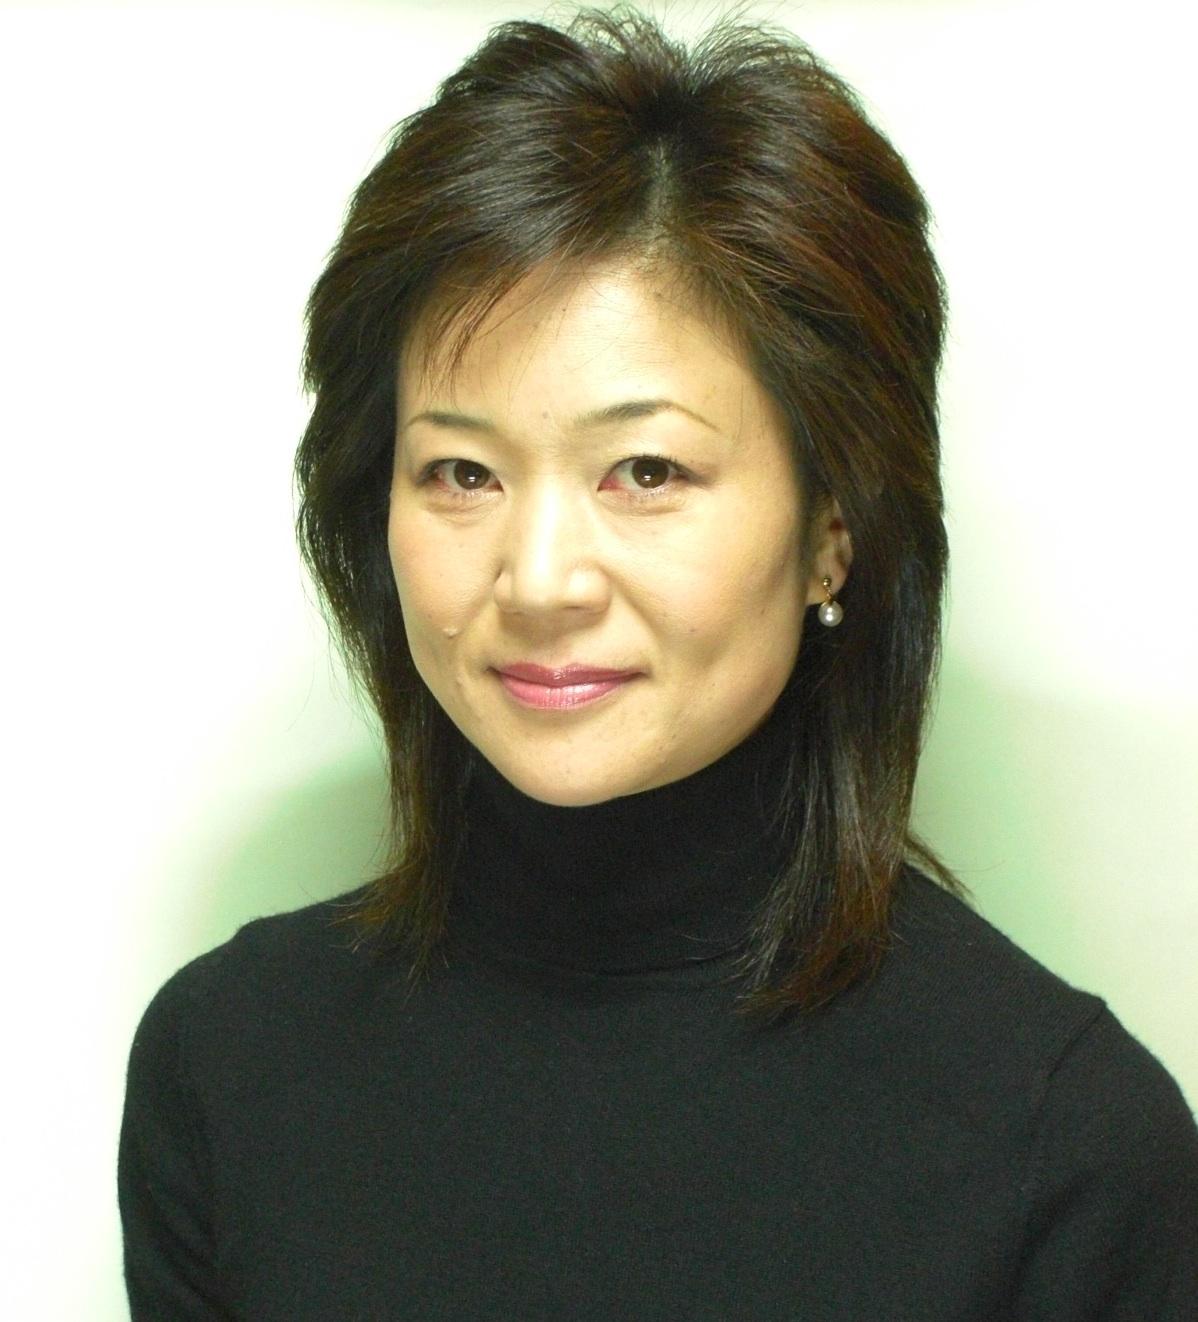 nozaki yoshiko